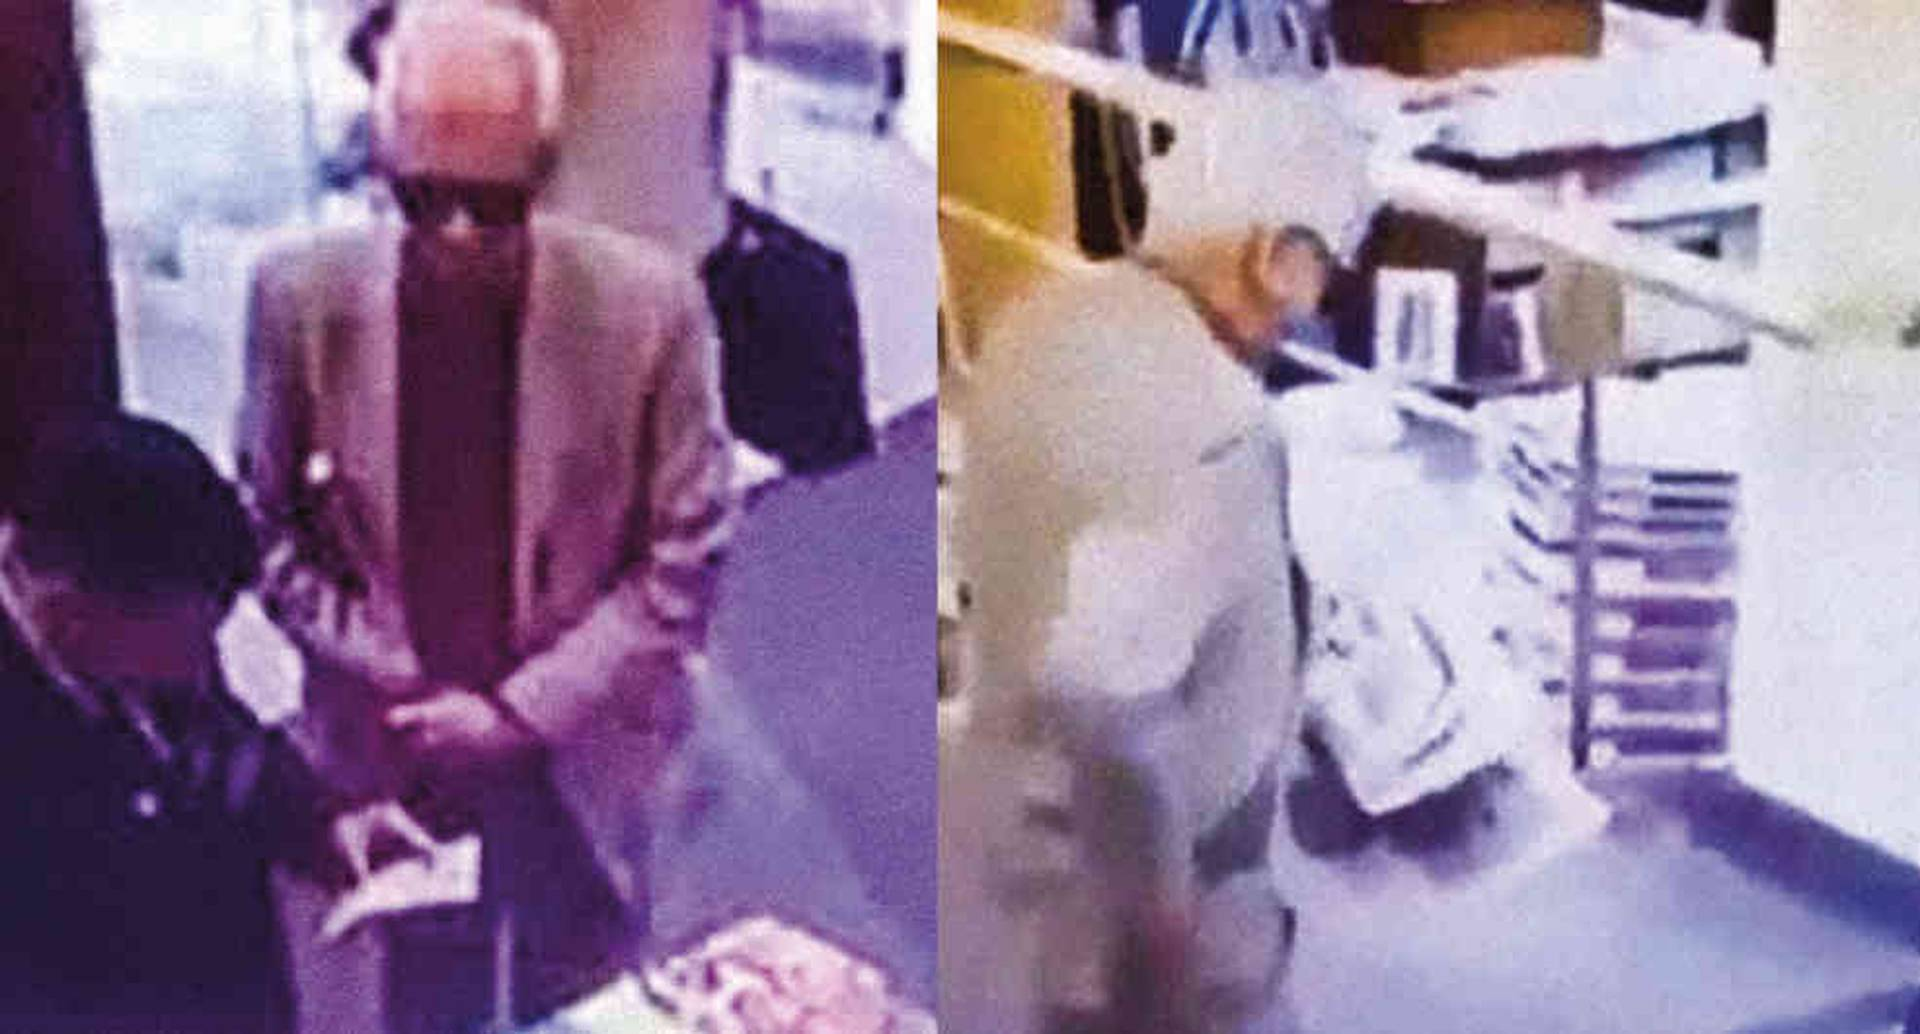 El video muestra al embajador de México en Argentina, Ricardo Valero, mientras oculta un libro entre un periódico, y sale sin pagar.